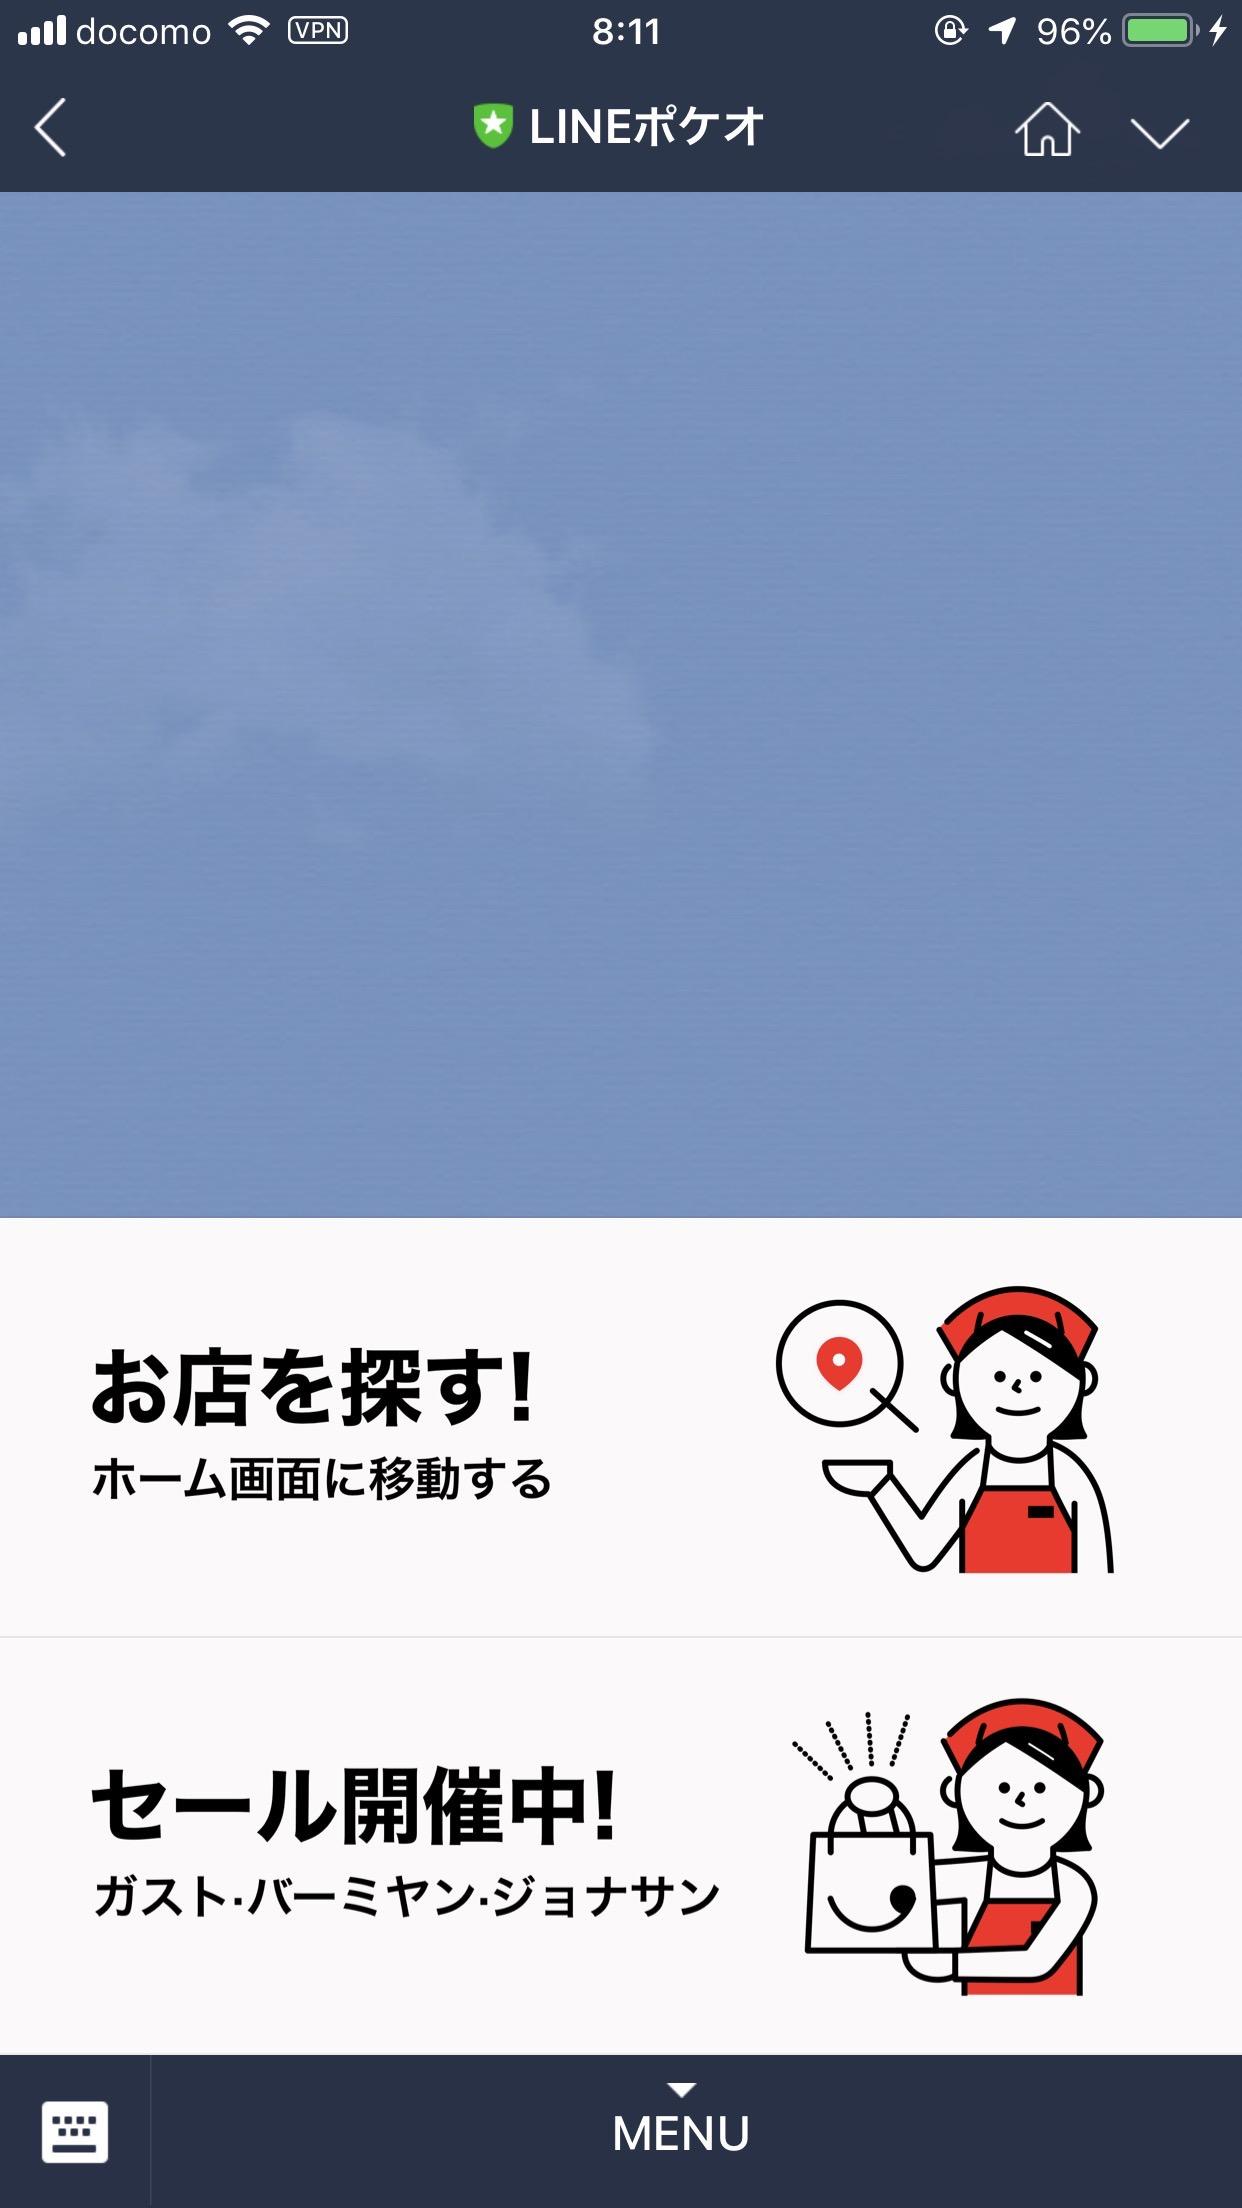 スマホで注文して受け取るモバイルオーダーサービス「LINEポケオ」ガスト・バーミヤン・ジョナサン2,000店舗から開始